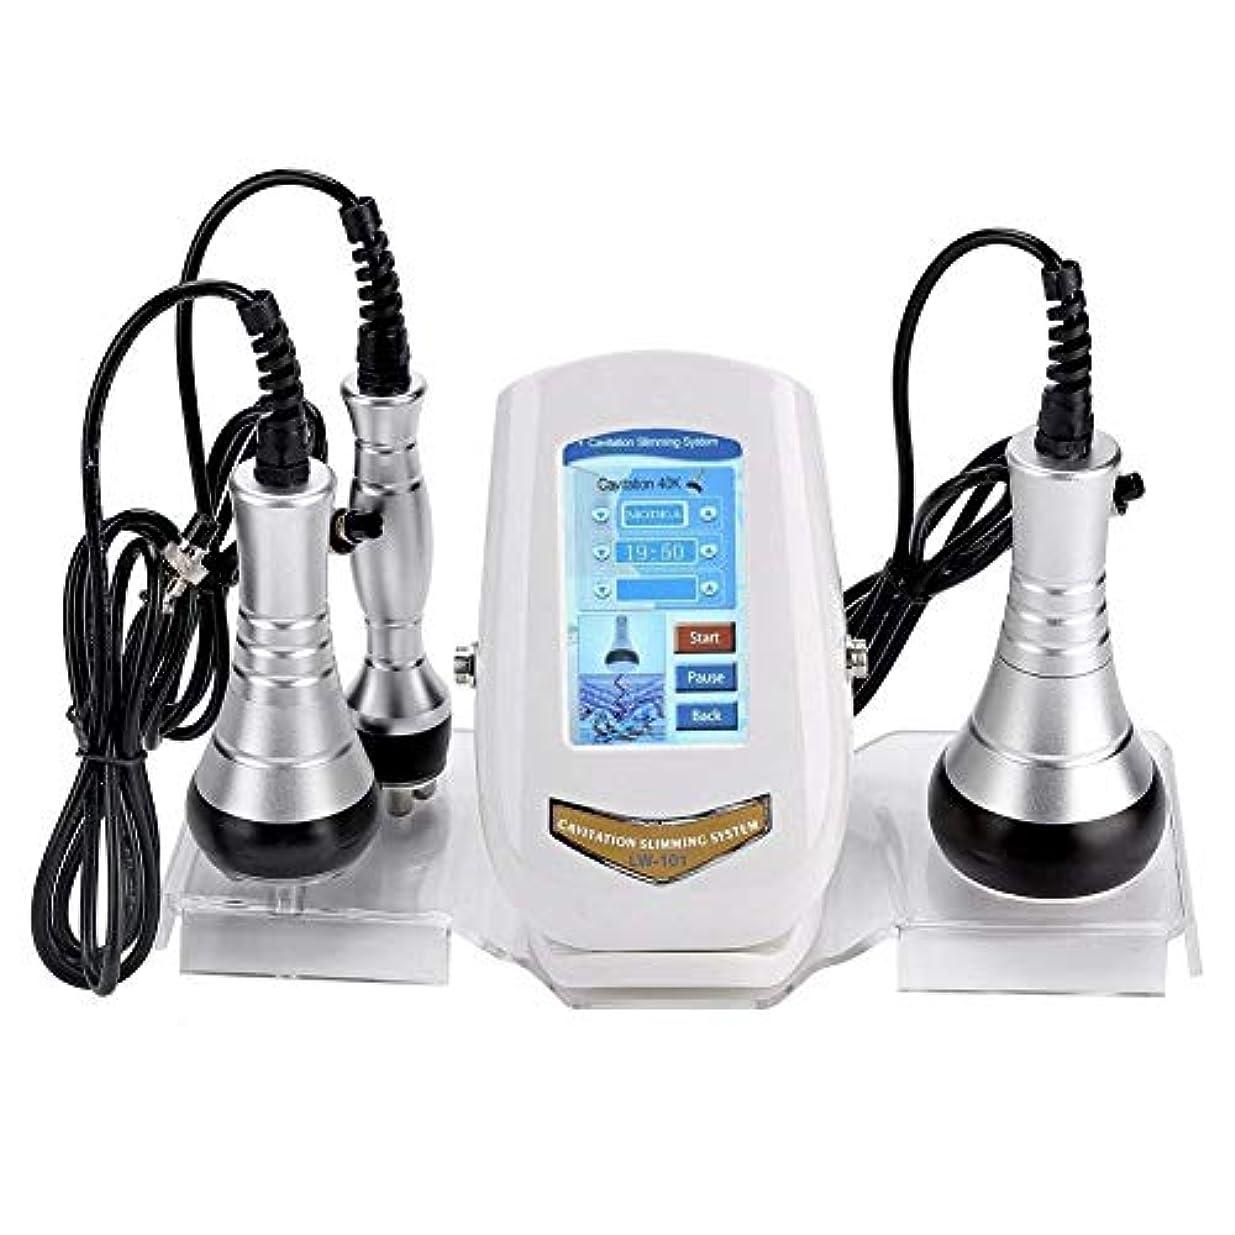 脂肪燃焼美容機、超音波振動+ EMS +赤外線3 in1キャビテーションボディ痩身デバイス、スキンケアアンチセルライトラジオ周波数肌を引き締める機EMSフェイスアームレッグウエストヒップケア